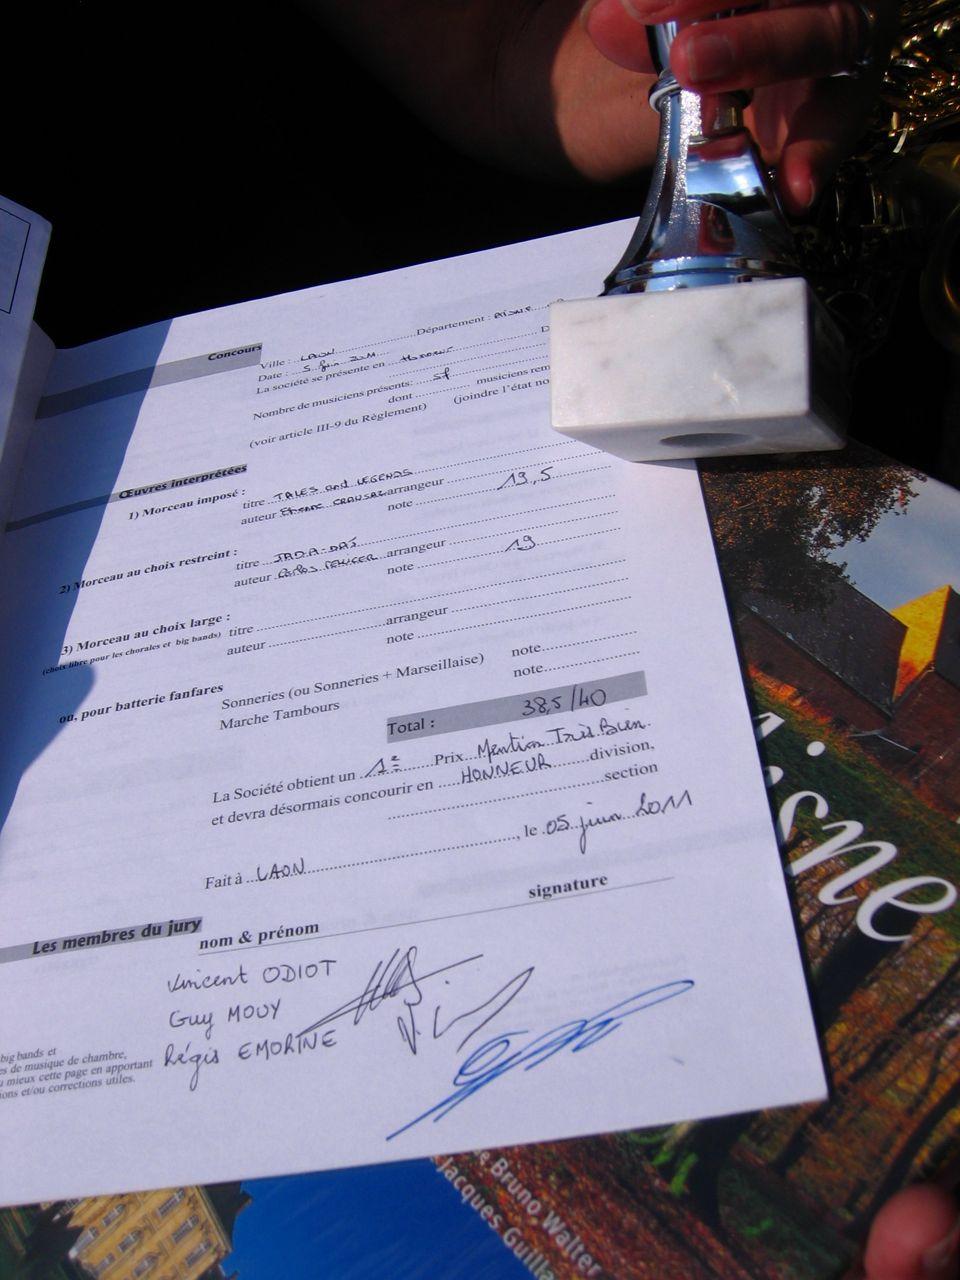 OHTG-concours-Laon-Juin2011-23